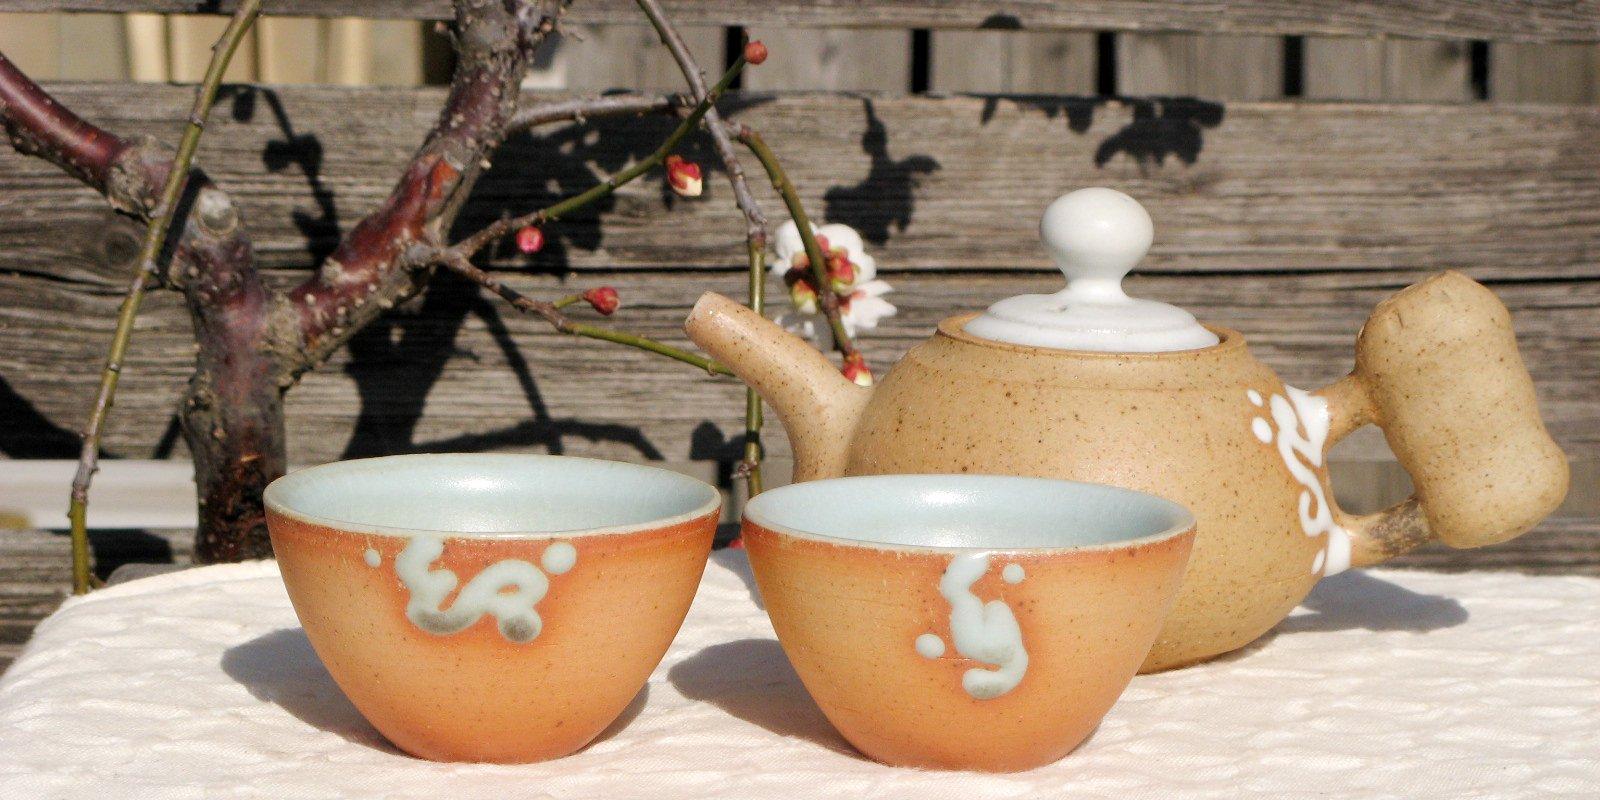 許徳家先生の茶壺と茶杯